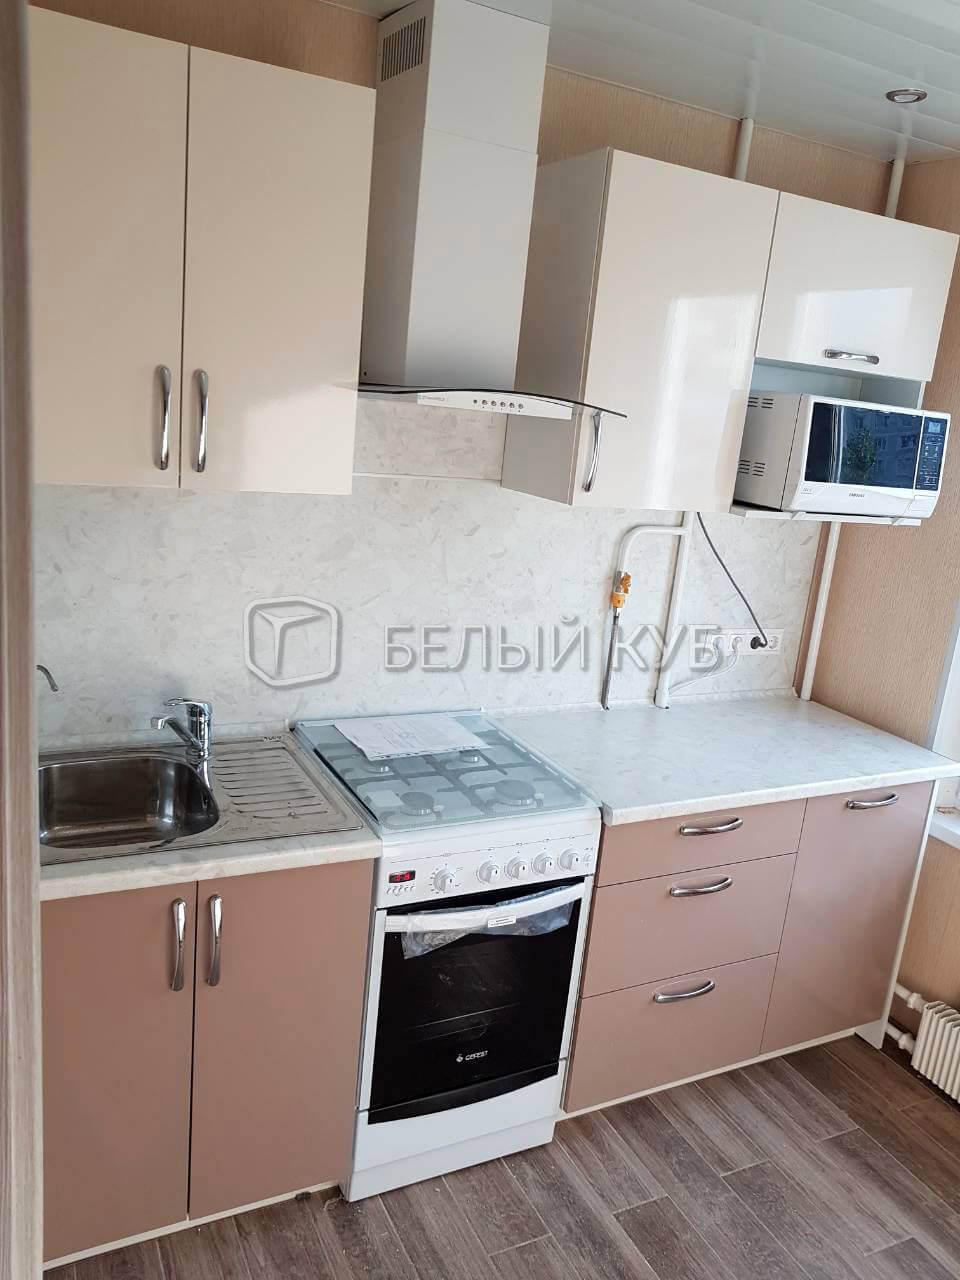 WC-Kitchen31a